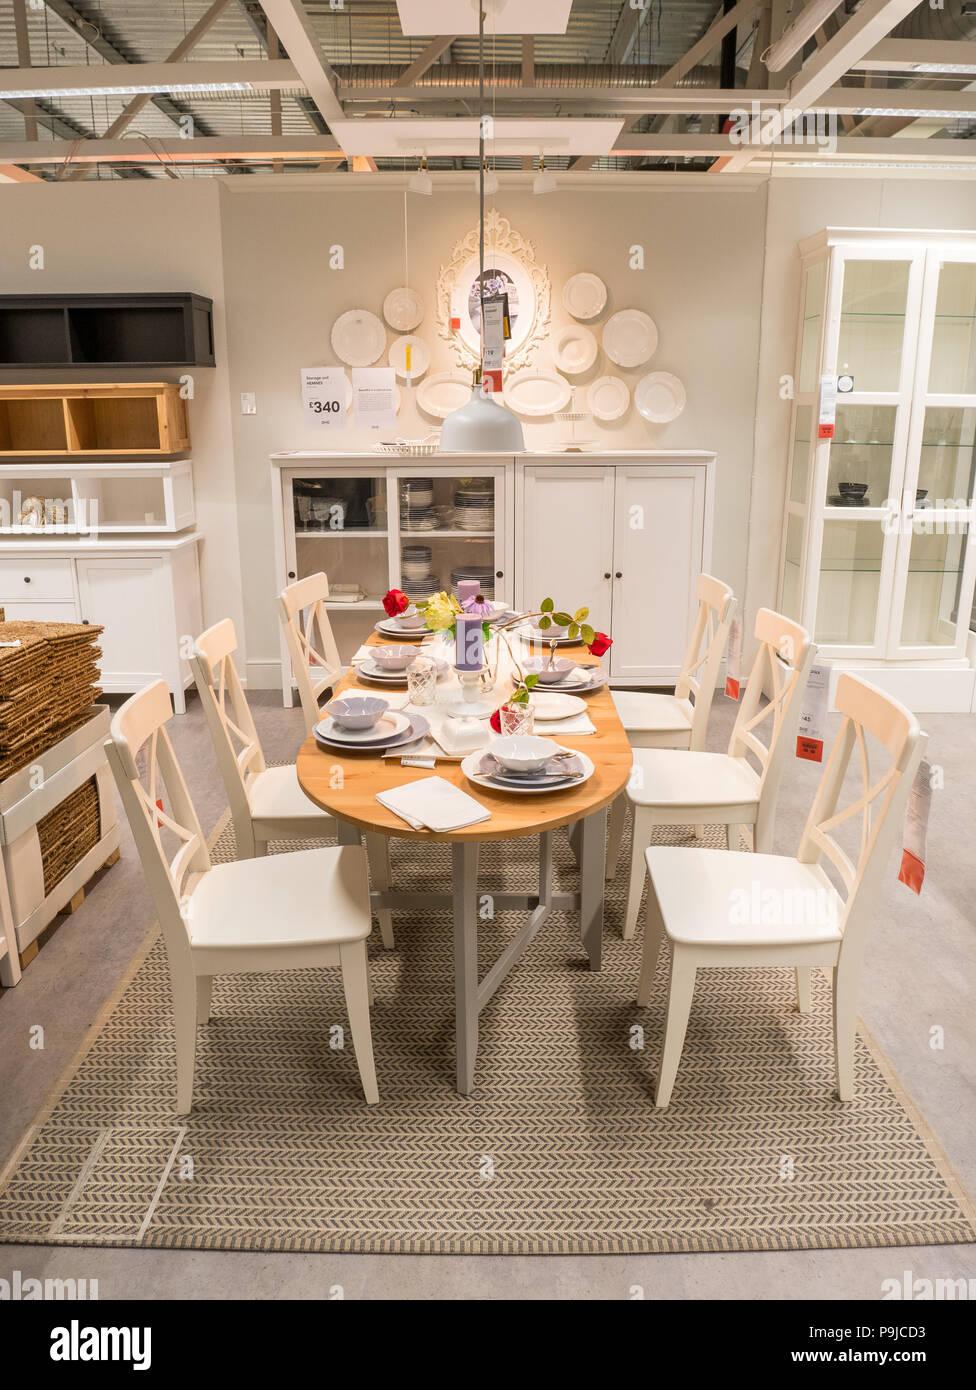 Meubles De Salle A Manger Chez Ikea Uk Banque D Images Photo Stock